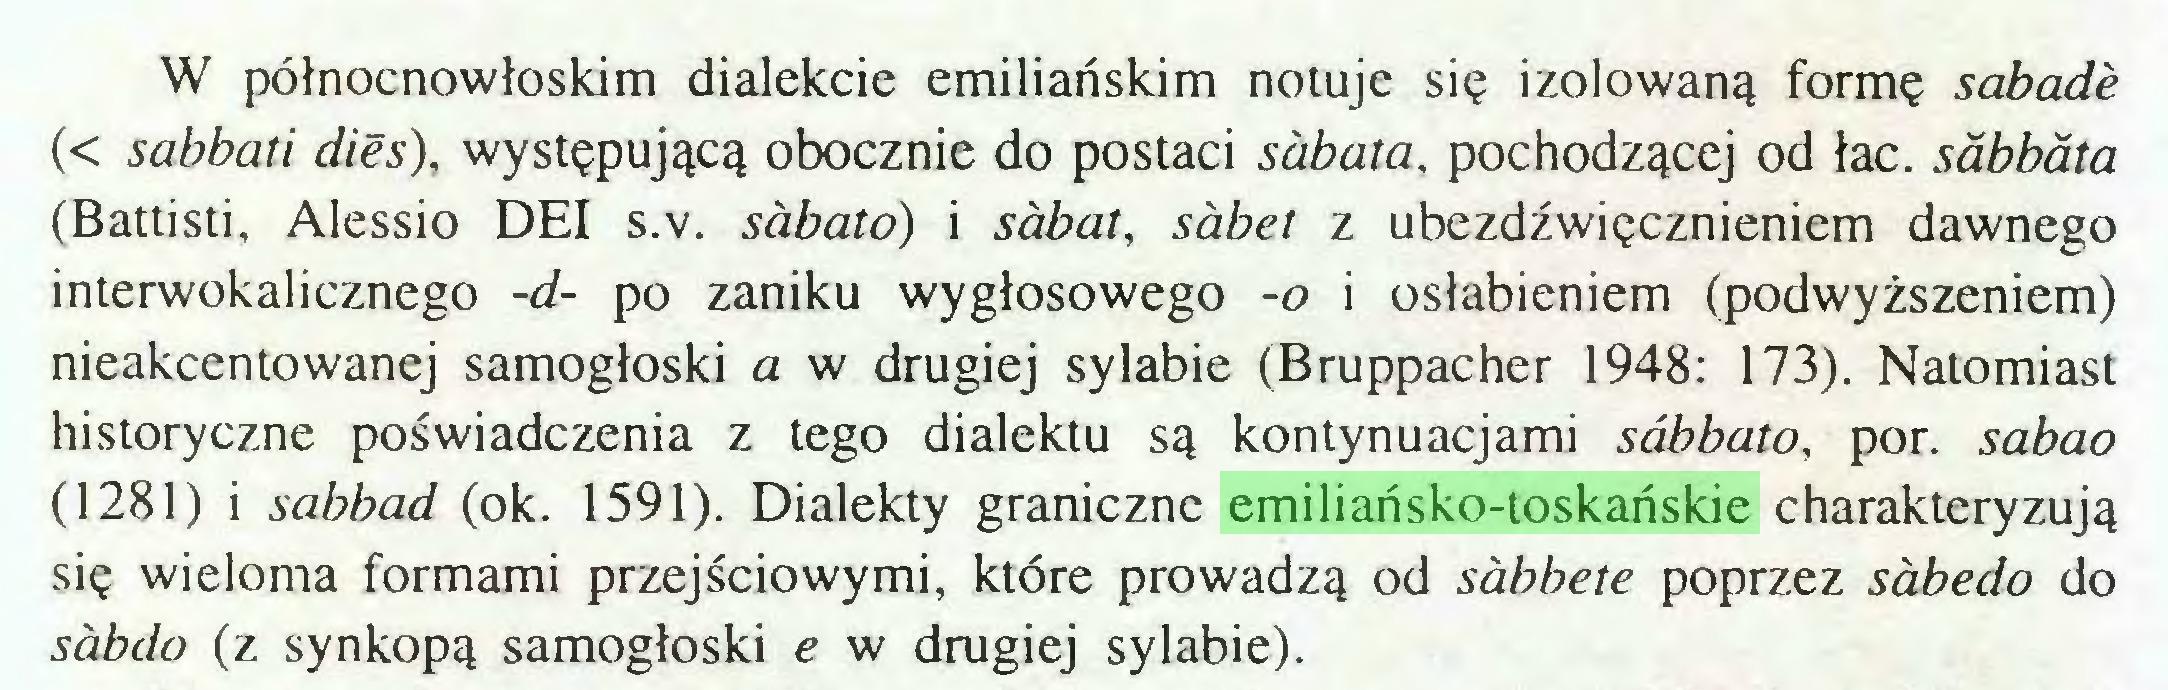 (...) W północnowłoskim dialekcie emiliańskim notuje się izolowaną formę sabade (< sabbati dies), występującą obocznie do postaci sabata, pochodzącej od łac. sabbata (Battisti, Alessio DEI s.v. sabato) i sabat, sabet z ubezdźwięcznieniem dawnego interwokalicznego -d- po zaniku wygłosowego -o i osłabieniem (podwyższeniem) nieakcentowanej samogłoski a w drugiej sylabie (Bruppacher 1948: 173). Natomiast historyczne poświadczenia z tego dialektu są kontynuacjami sabbato, por. sabao (1281) i sabbad (ok. 1591). Dialekty graniczne emiliańsko-toskańskie charakteryzują się wieloma formami przejściowymi, które prowadzą od sabbete poprzez sabedo do sabdo (z synkopą samogłoski e w drugiej sylabie)...